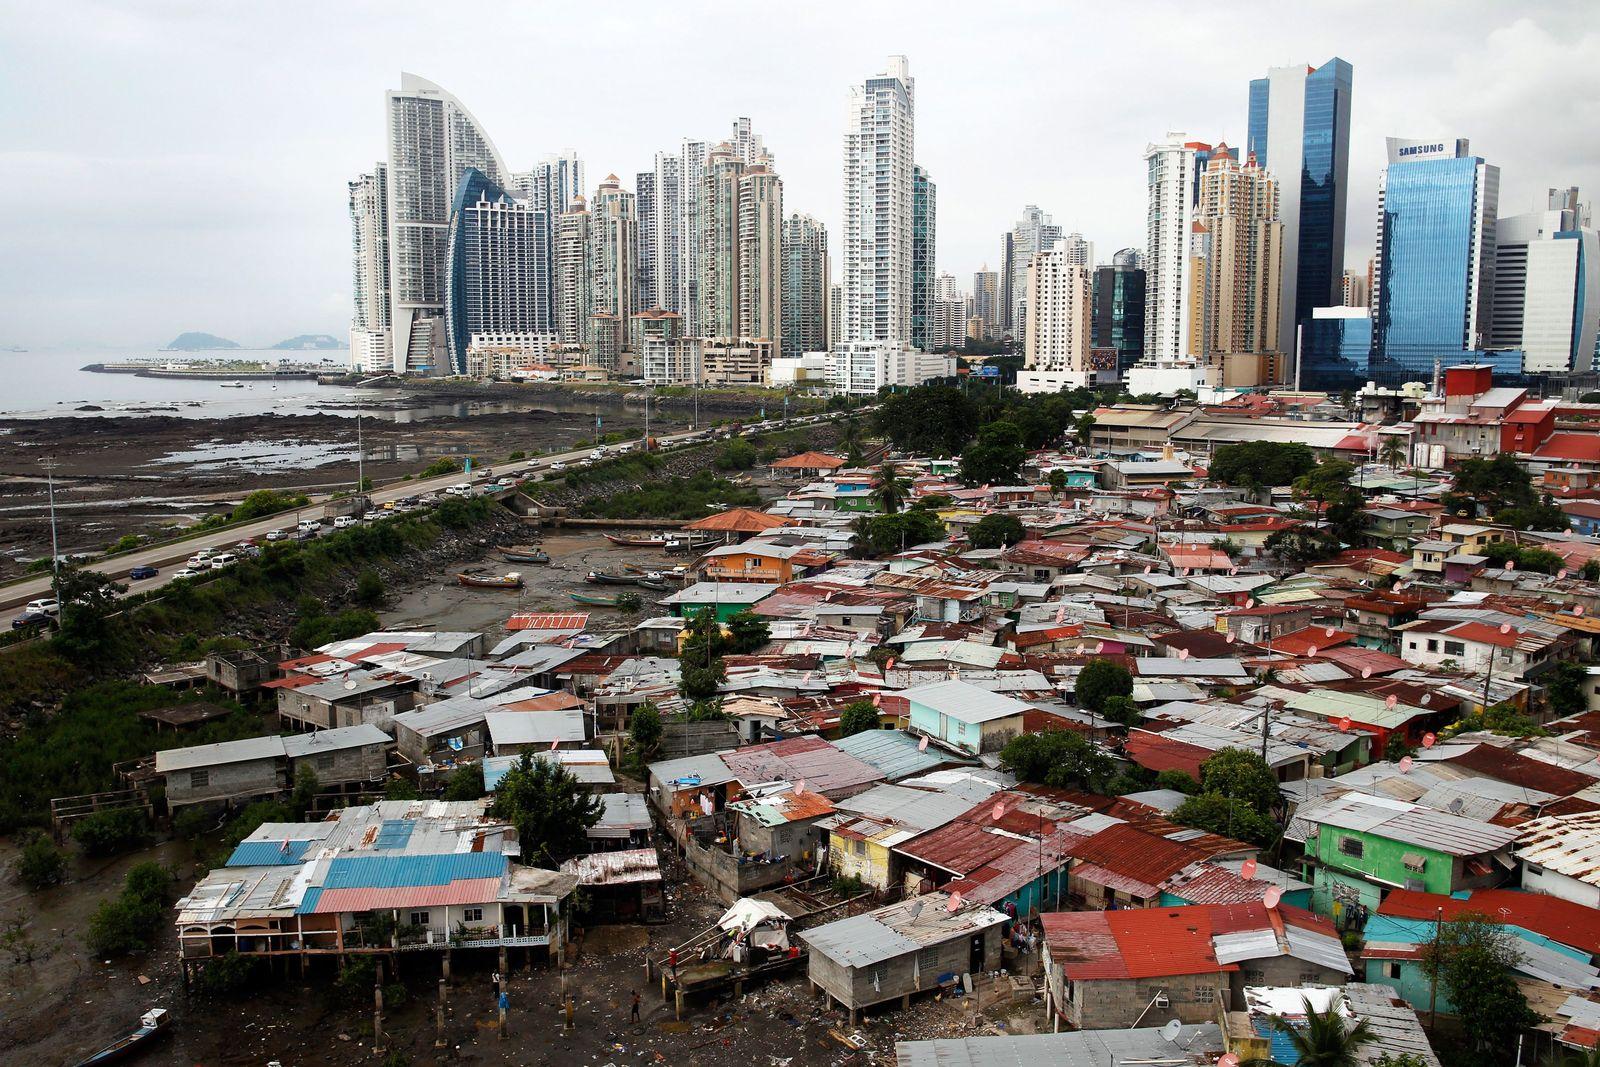 Armut / Reichtum / Arm / Reich / Ungerechtigkeit / Ungleichheit / Panama-City / Steueroasen